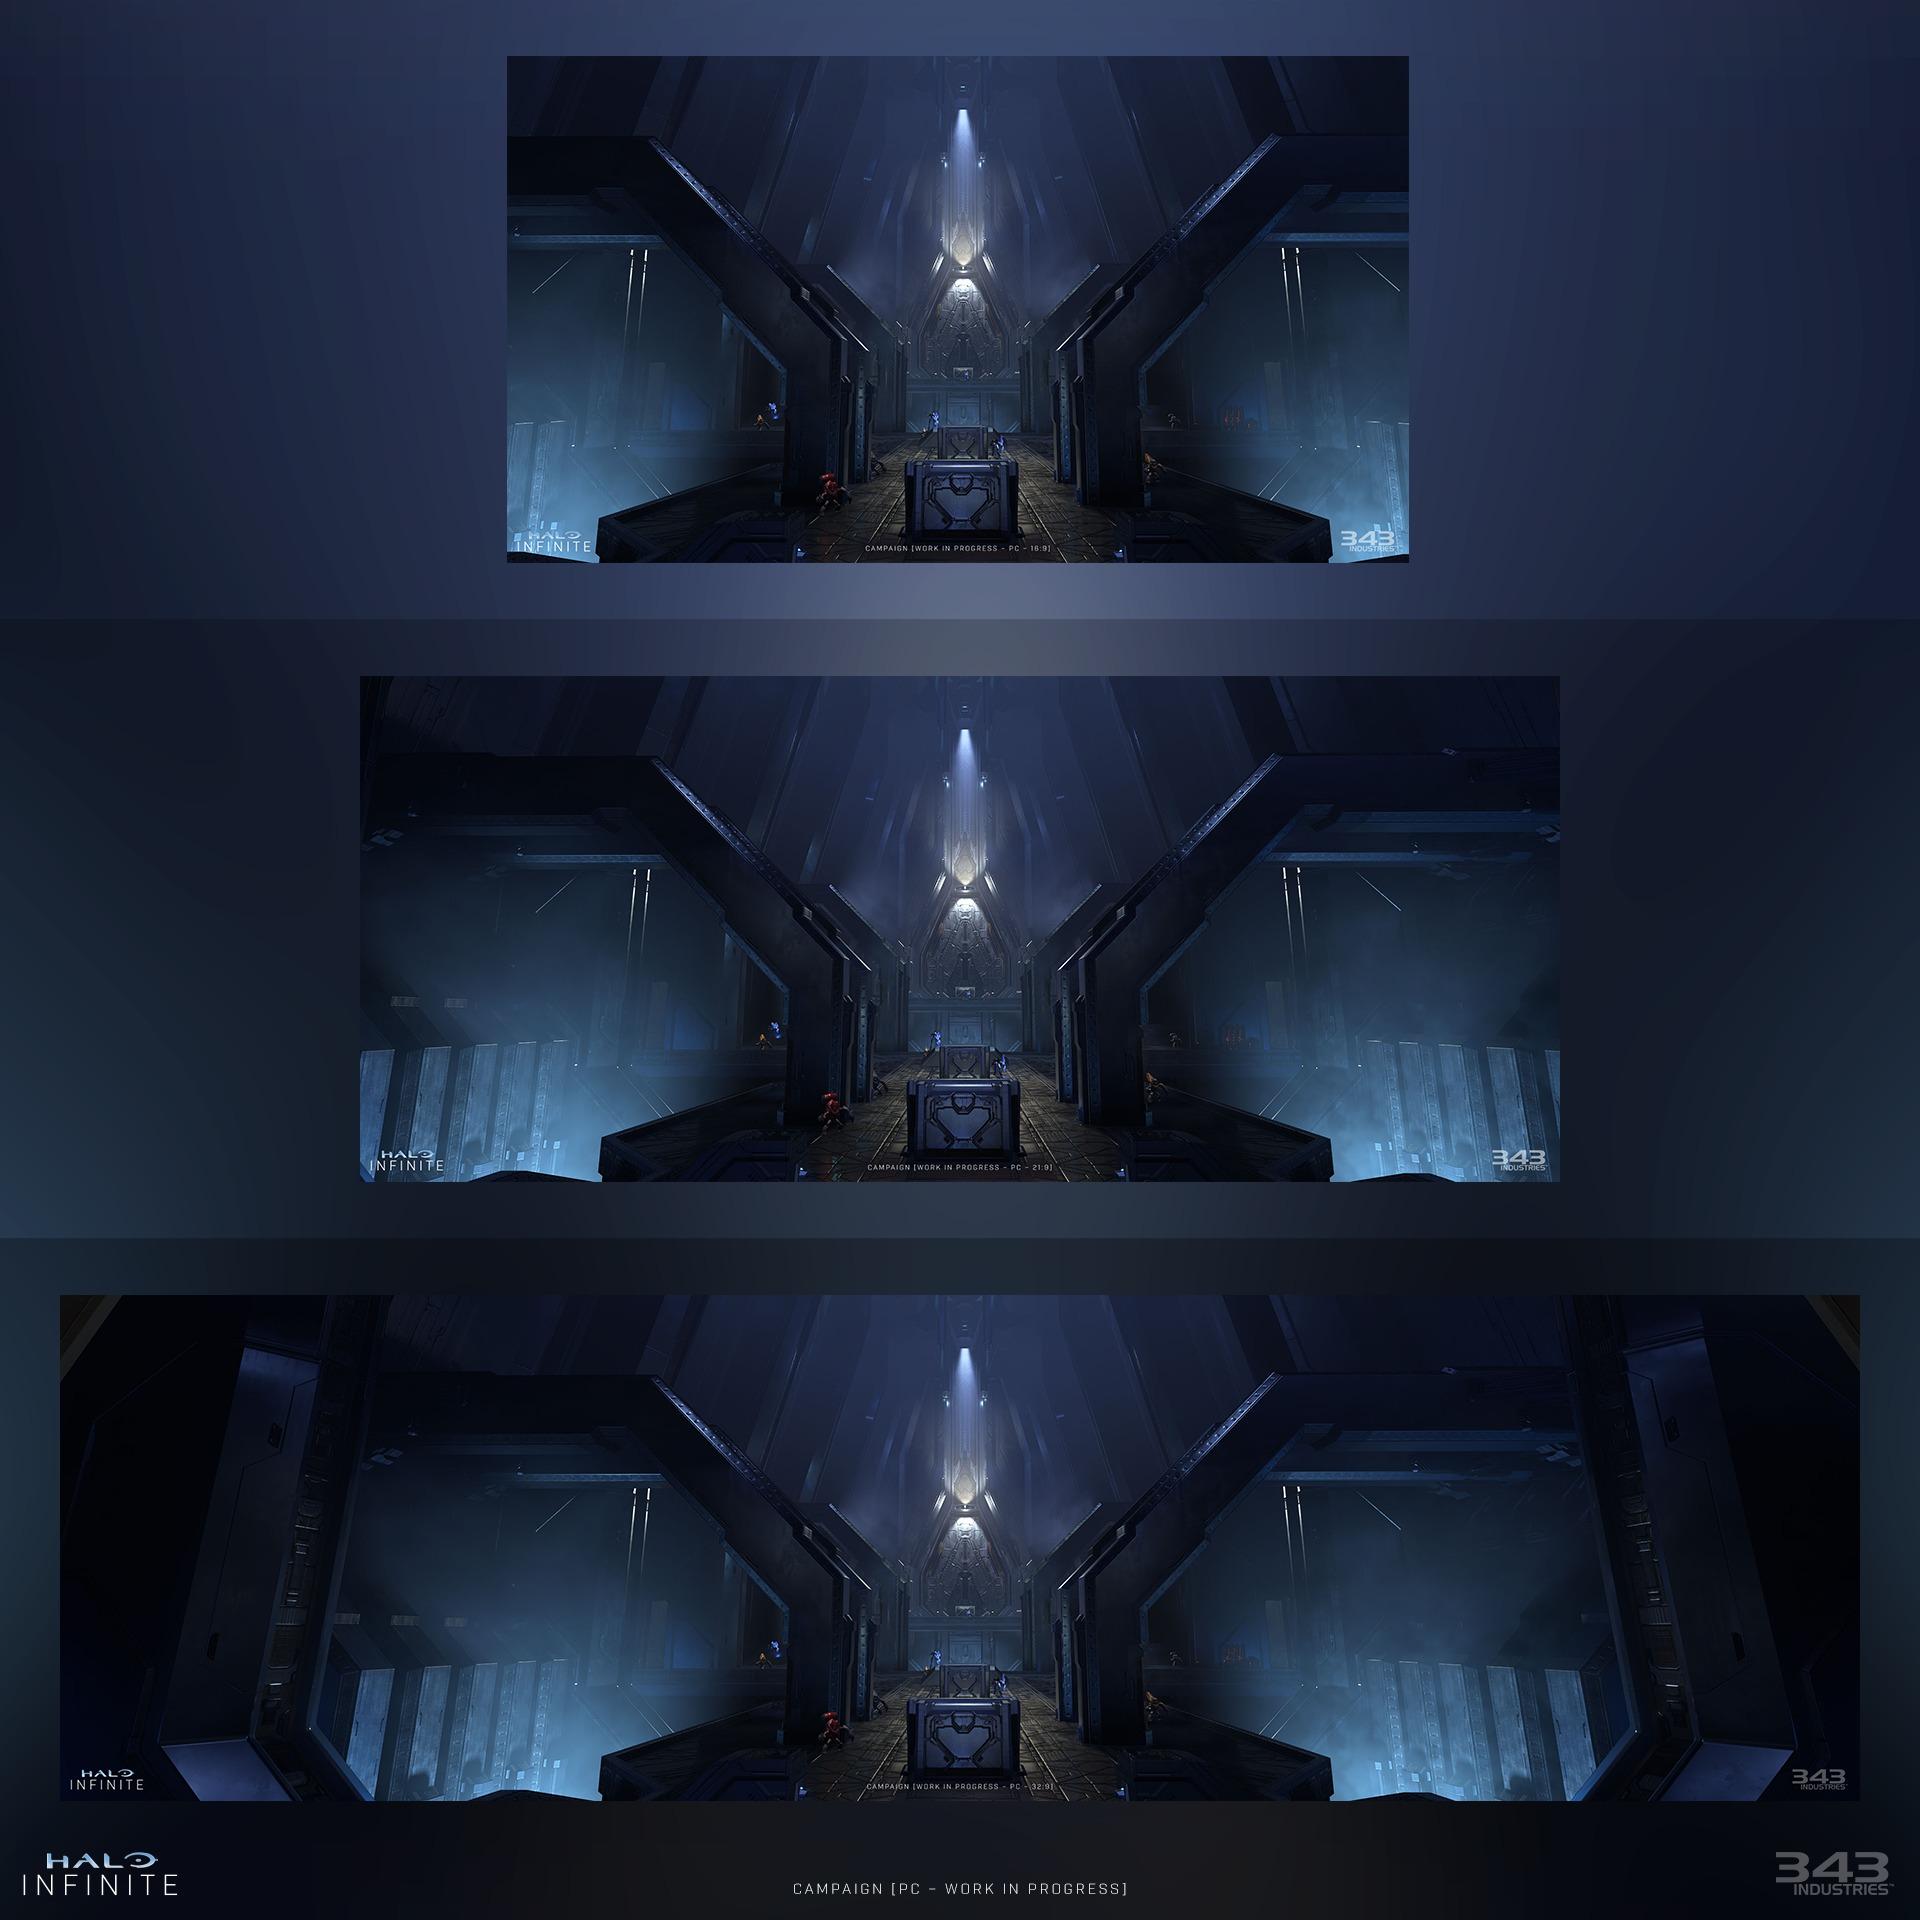 Ультраширокие скриншоты Halo Infinite и детали PC-версии шутера